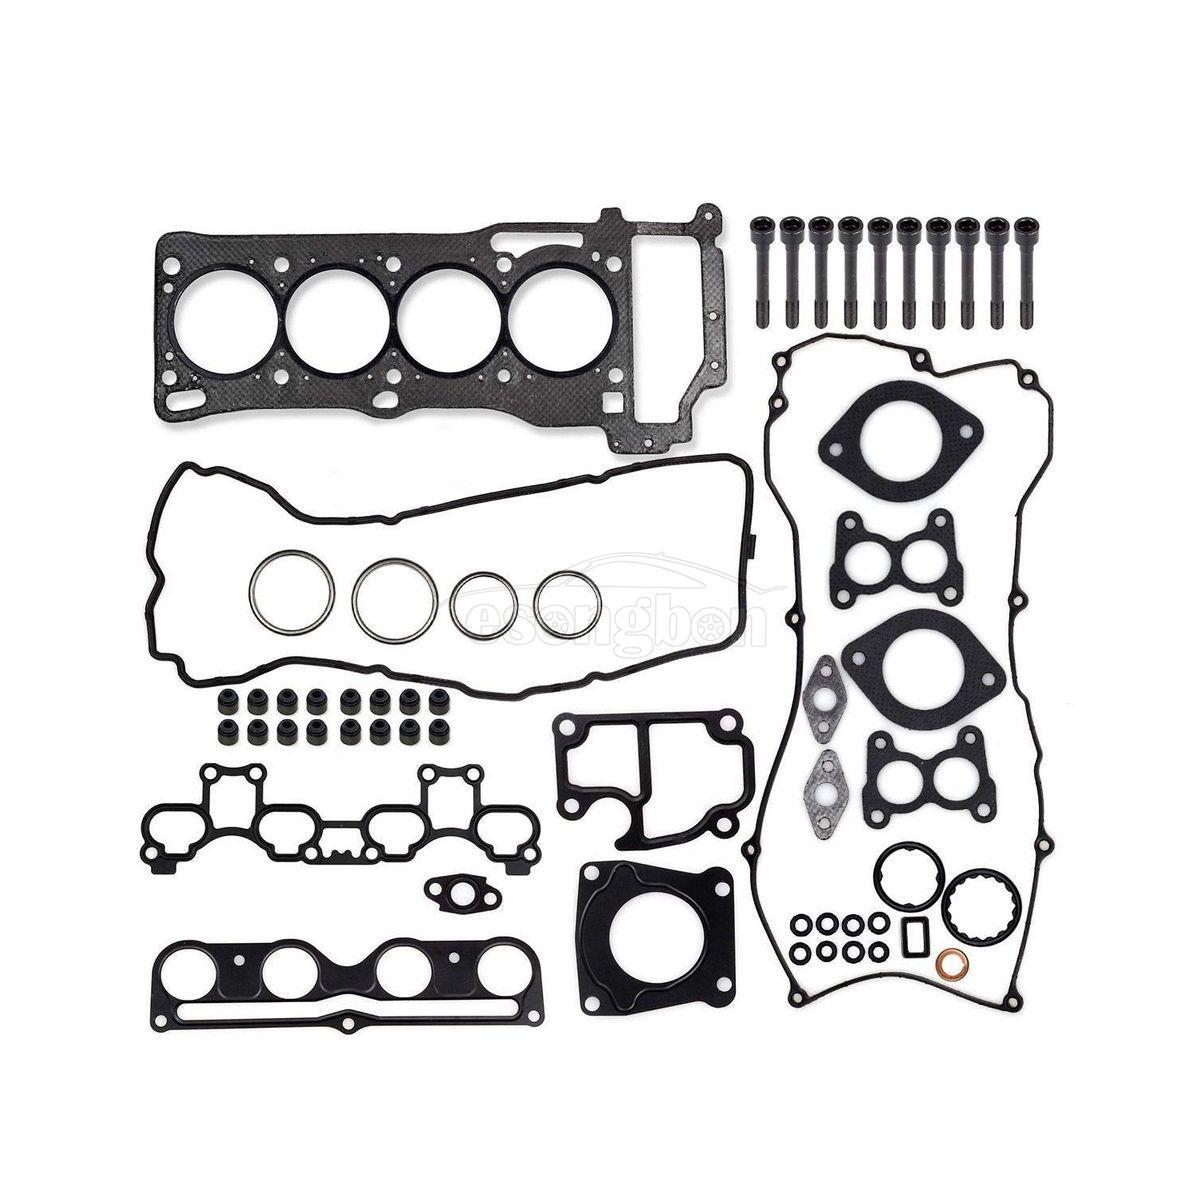 For Nissan Sentra 00 06 1 8l Dohc Cc L4 Head Gasket